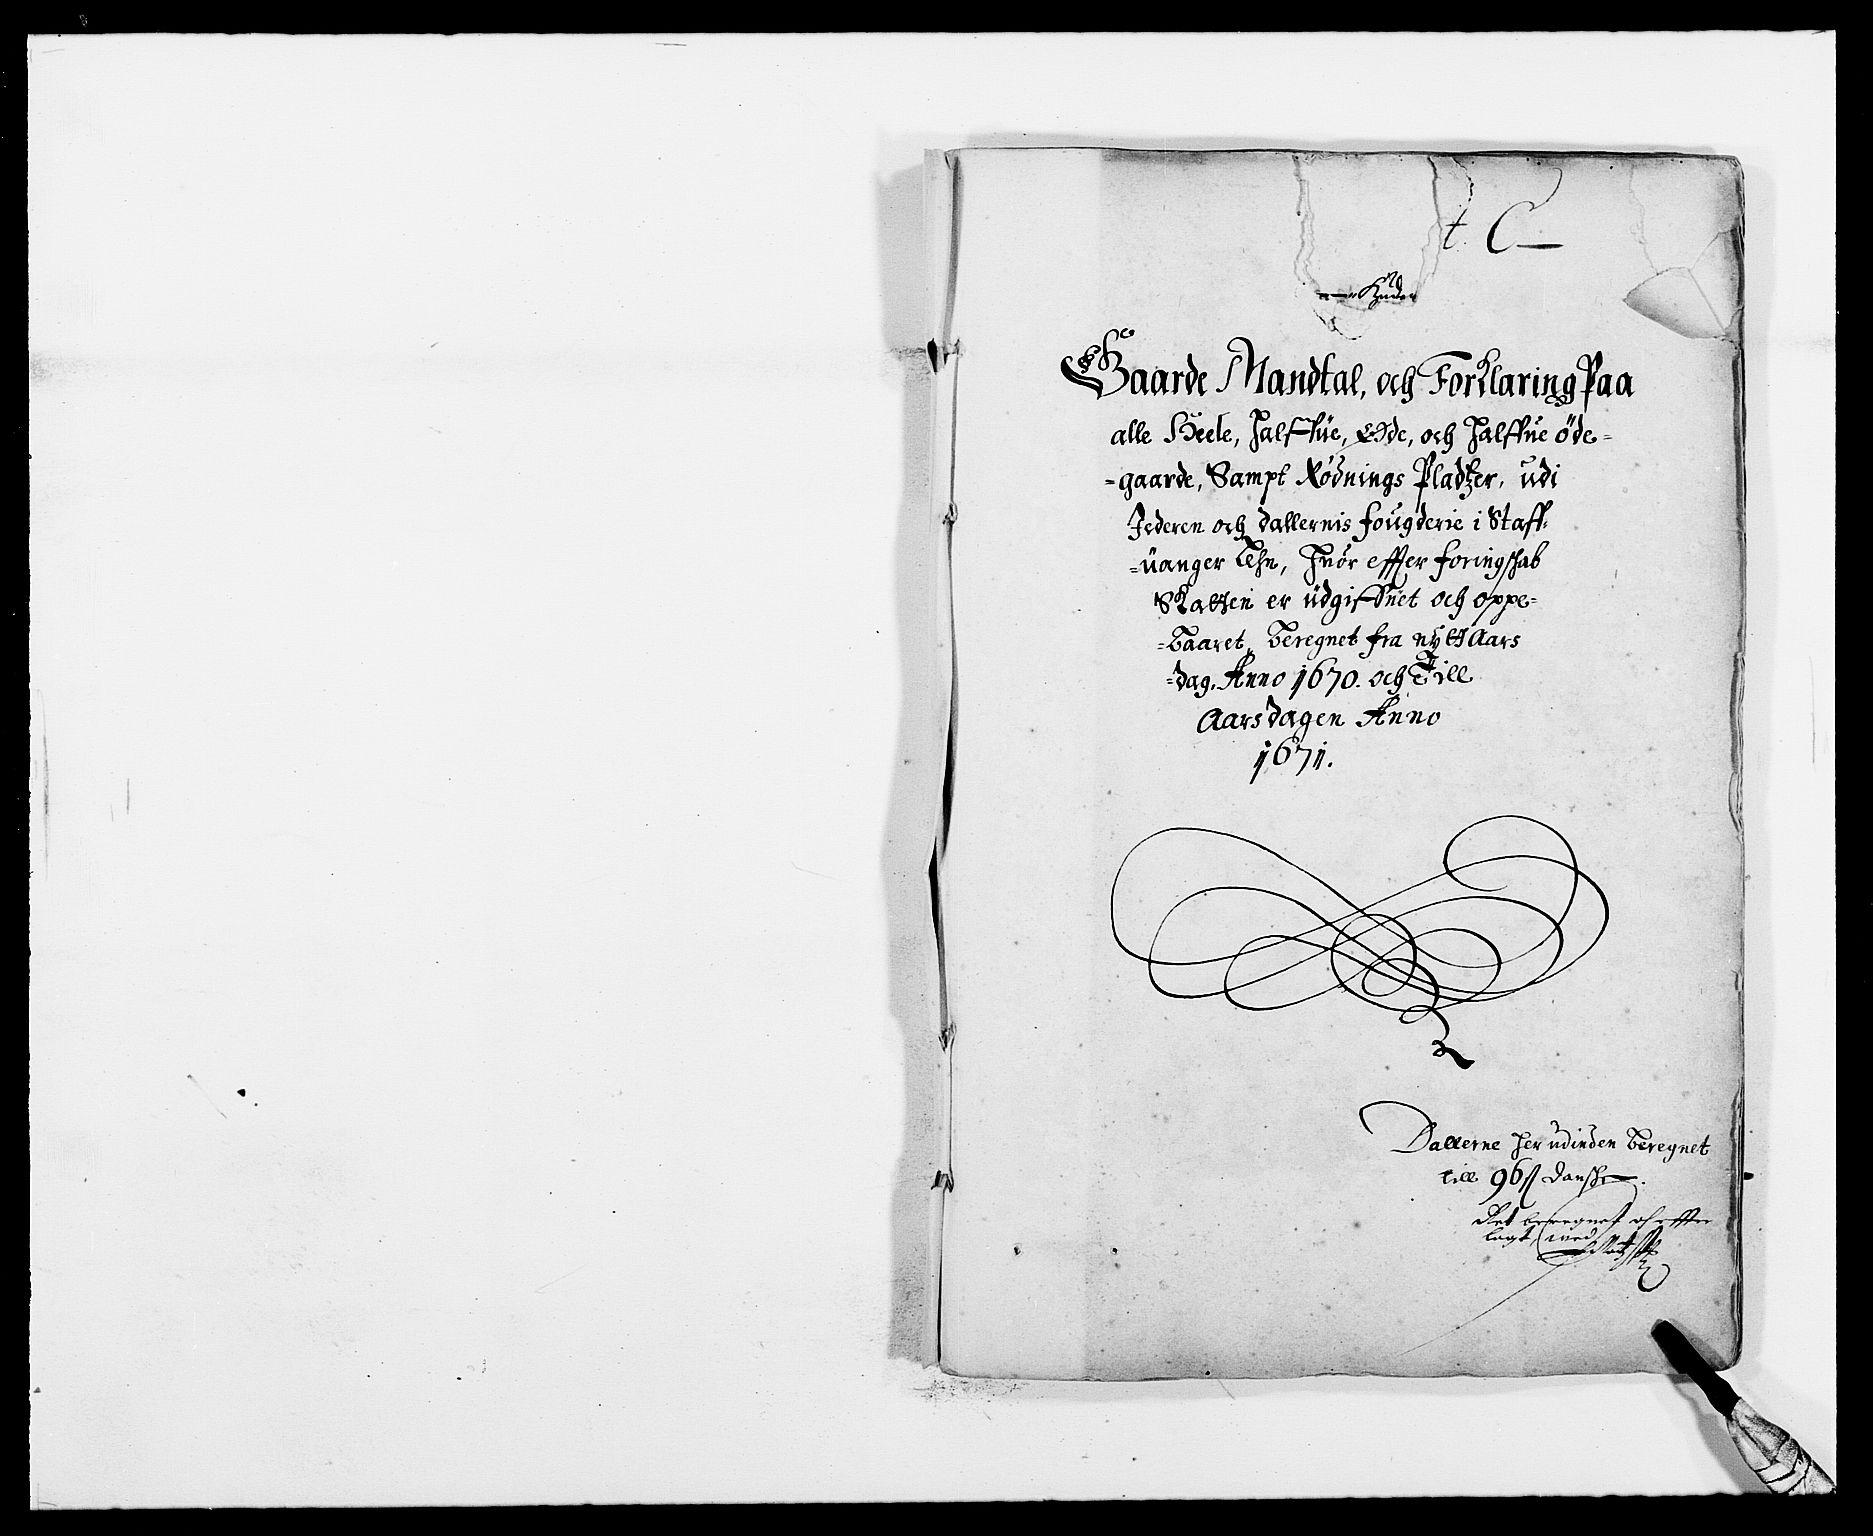 RA, Rentekammeret inntil 1814, Reviderte regnskaper, Fogderegnskap, R46/L2712: Fogderegnskap Jæren og Dalane, 1670-1671, s. 44